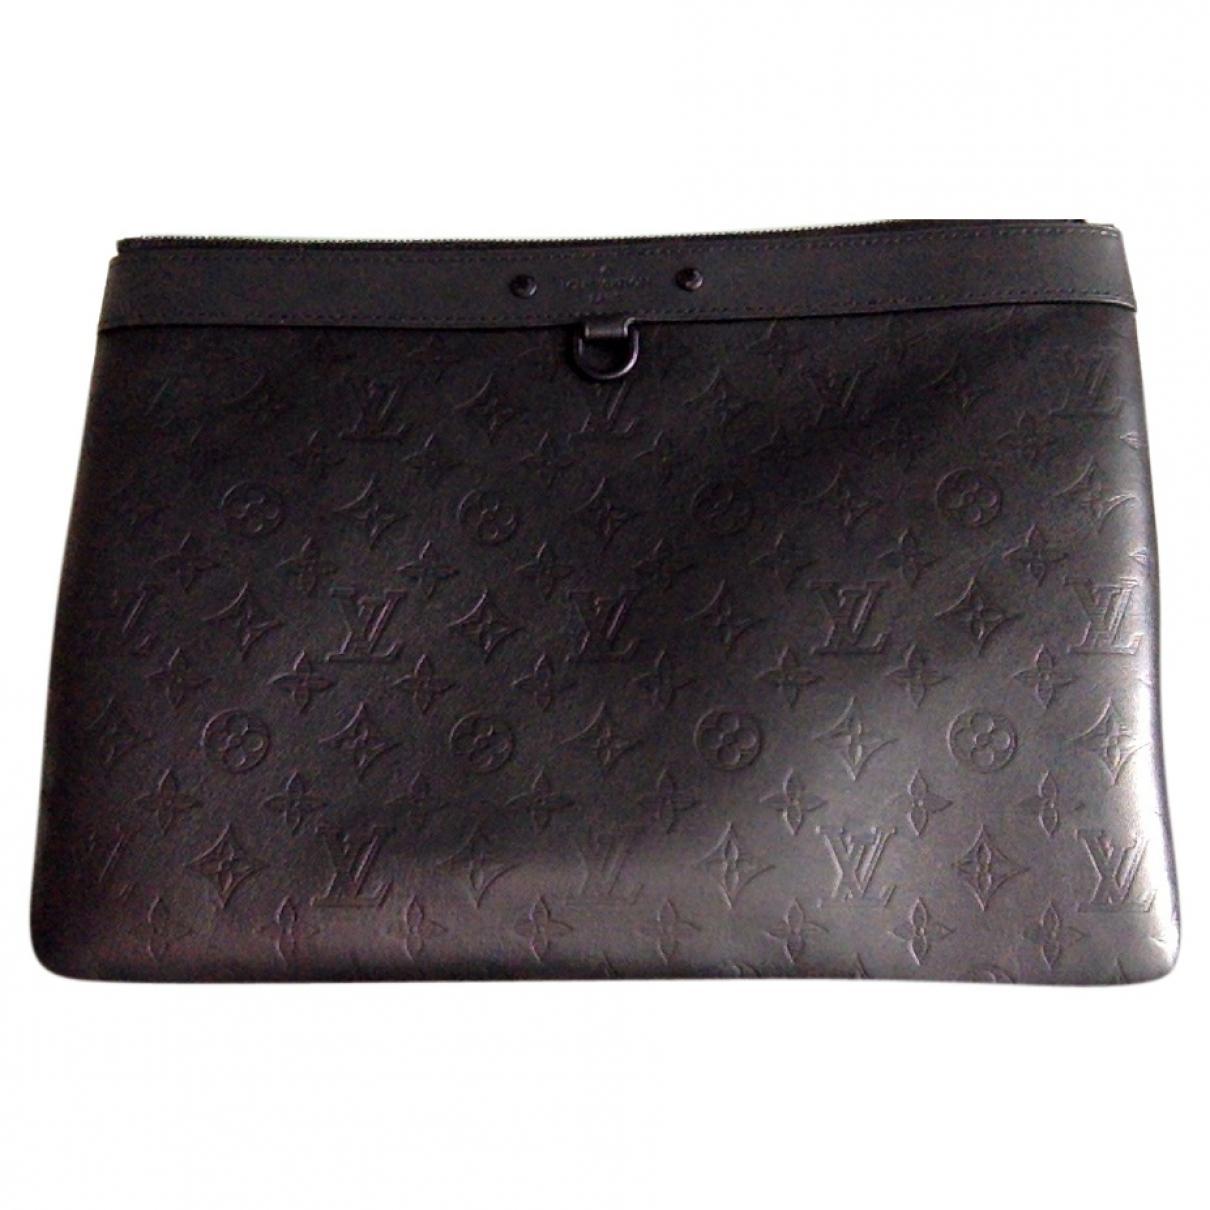 5b433c49fbc6 Lyst - Louis Vuitton Black Leather Bag in Black for Men